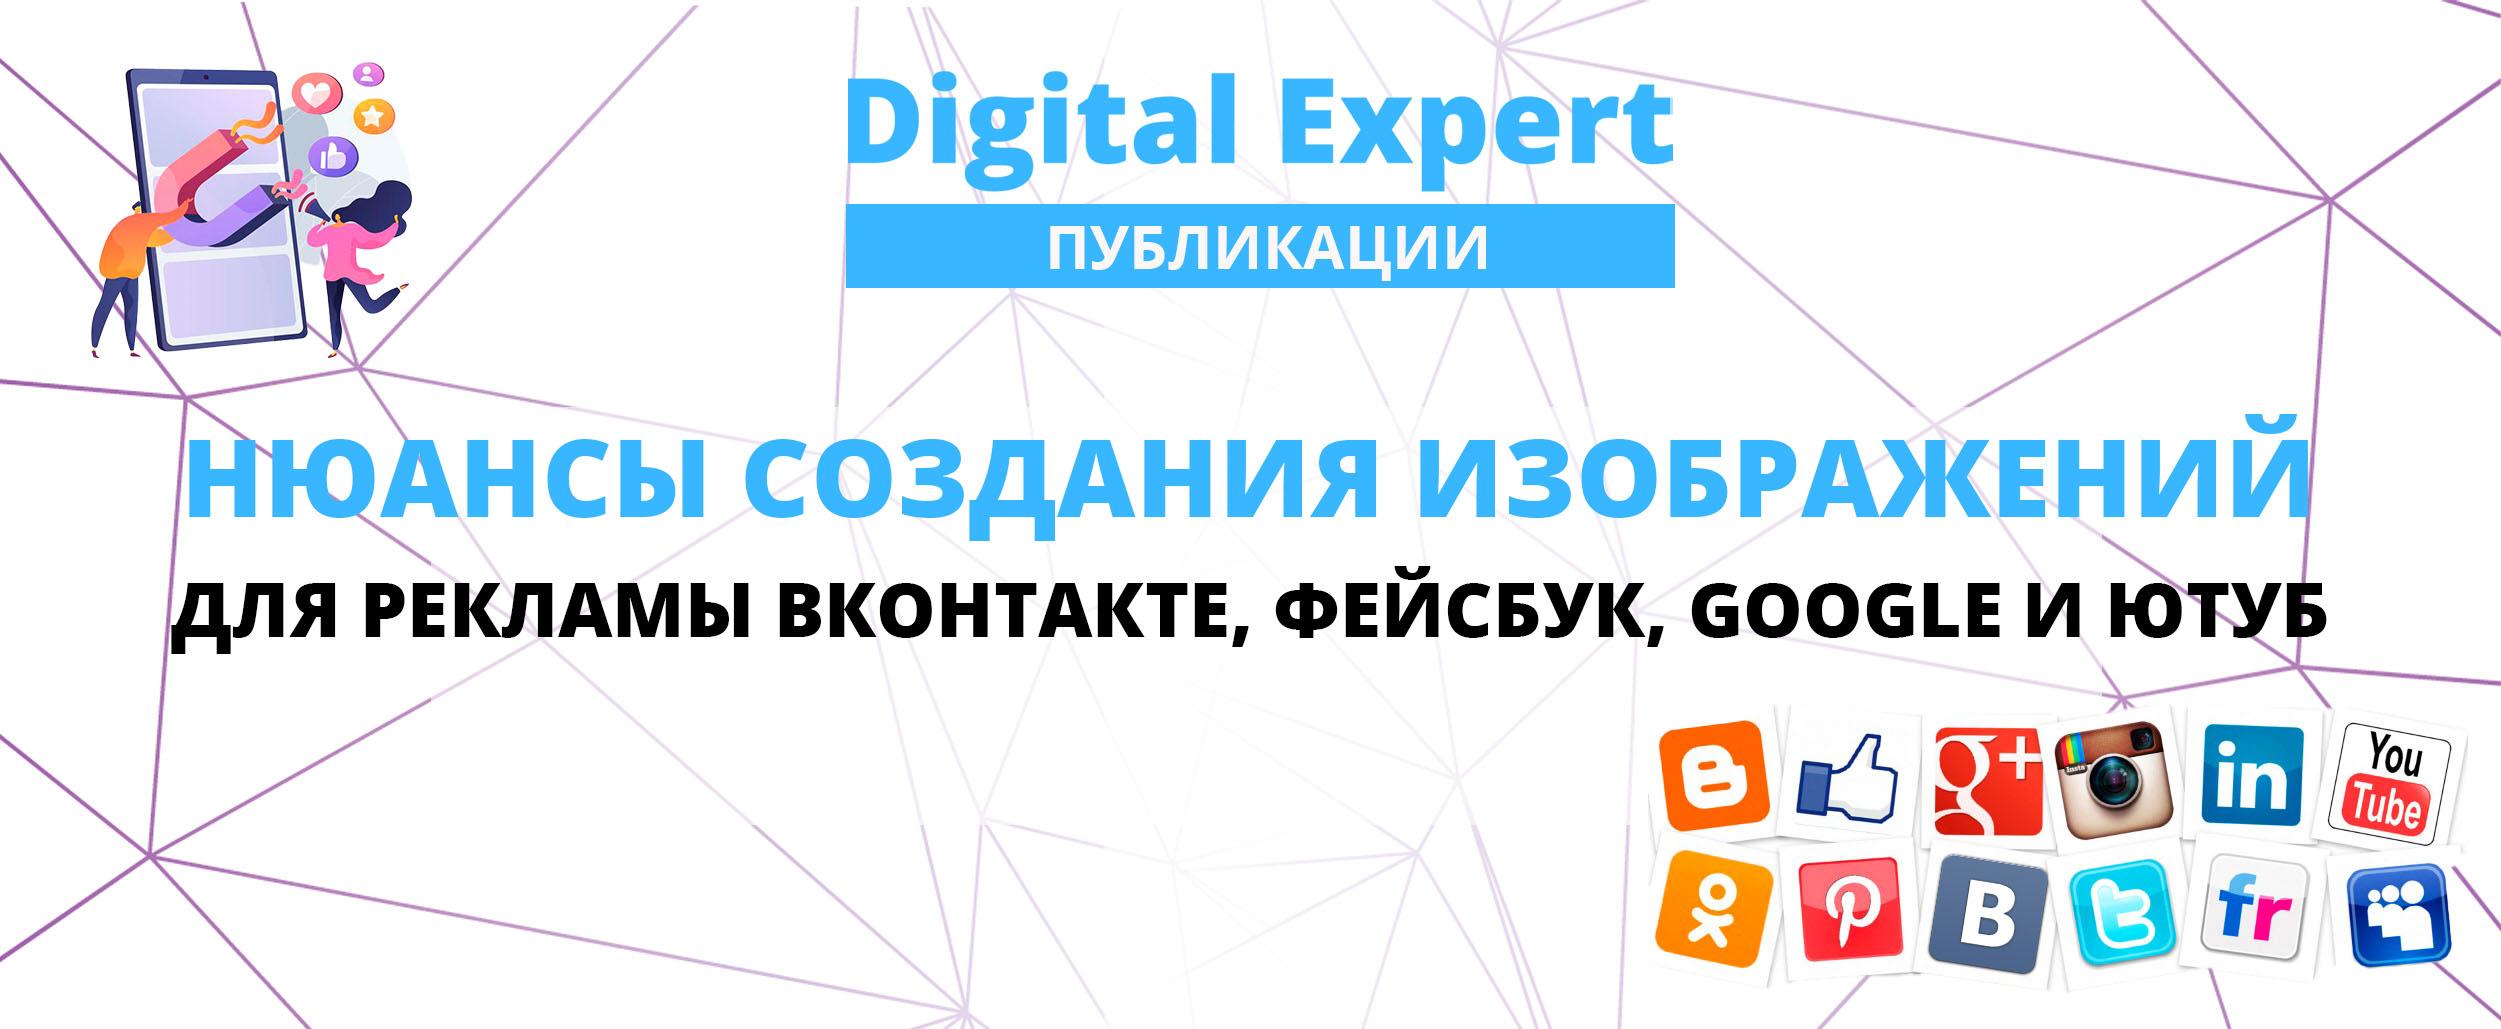 Нюансы создания изображений для рекламы Вконтакте, Фейсбук, Google и Ютуб